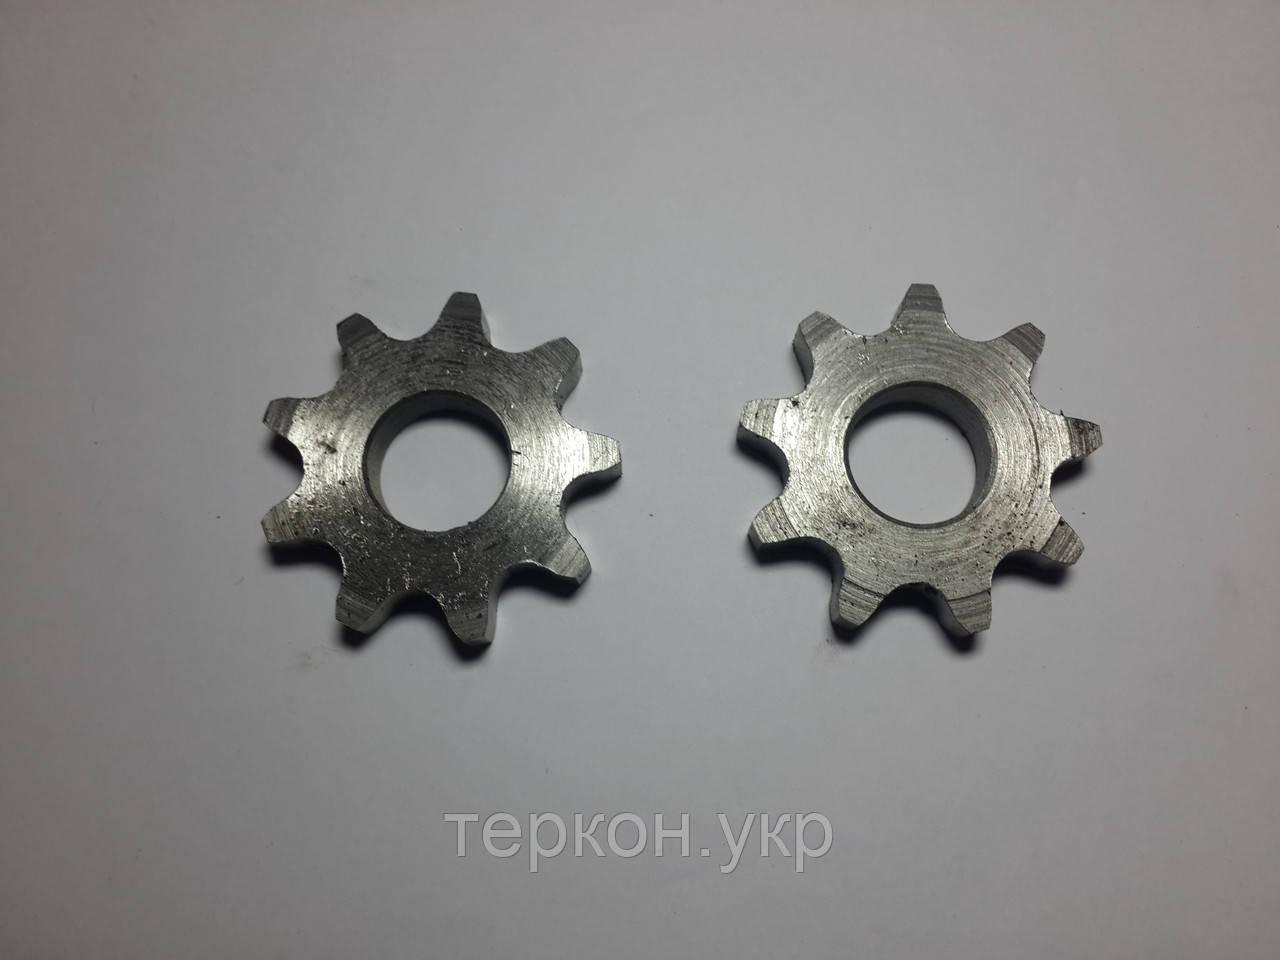 Венец/звездочка под цепь шаг (t) 19,05 количество зубьев (Z) 9